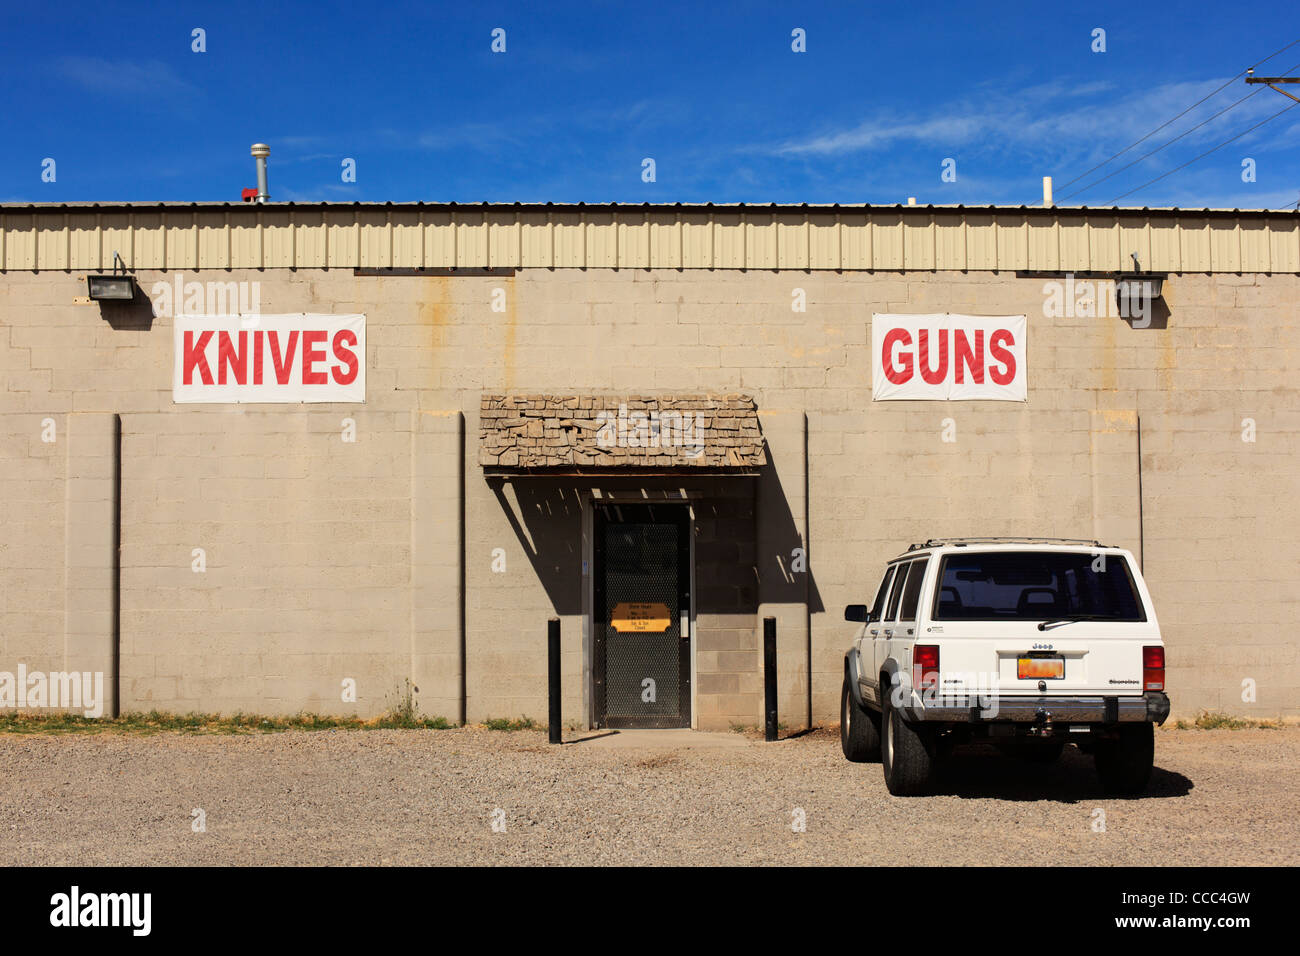 Boutique de vente de couteaux et de fusils, Nouveau Mexique, Etats-Unis (de l'ombre). Banque D'Images